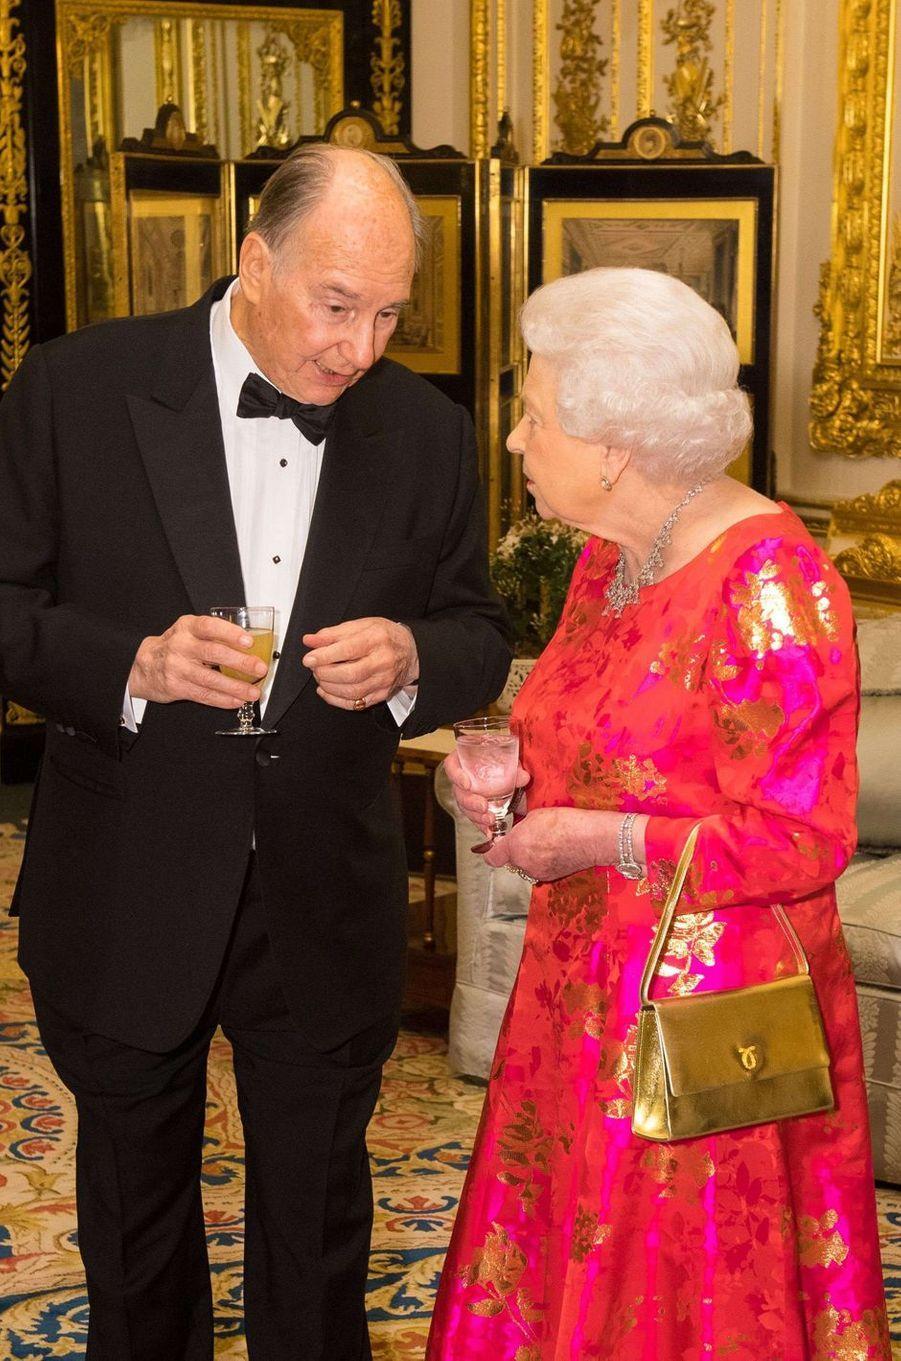 La reine Elizabeth II avec un sac Launer, le 8 mars 2018